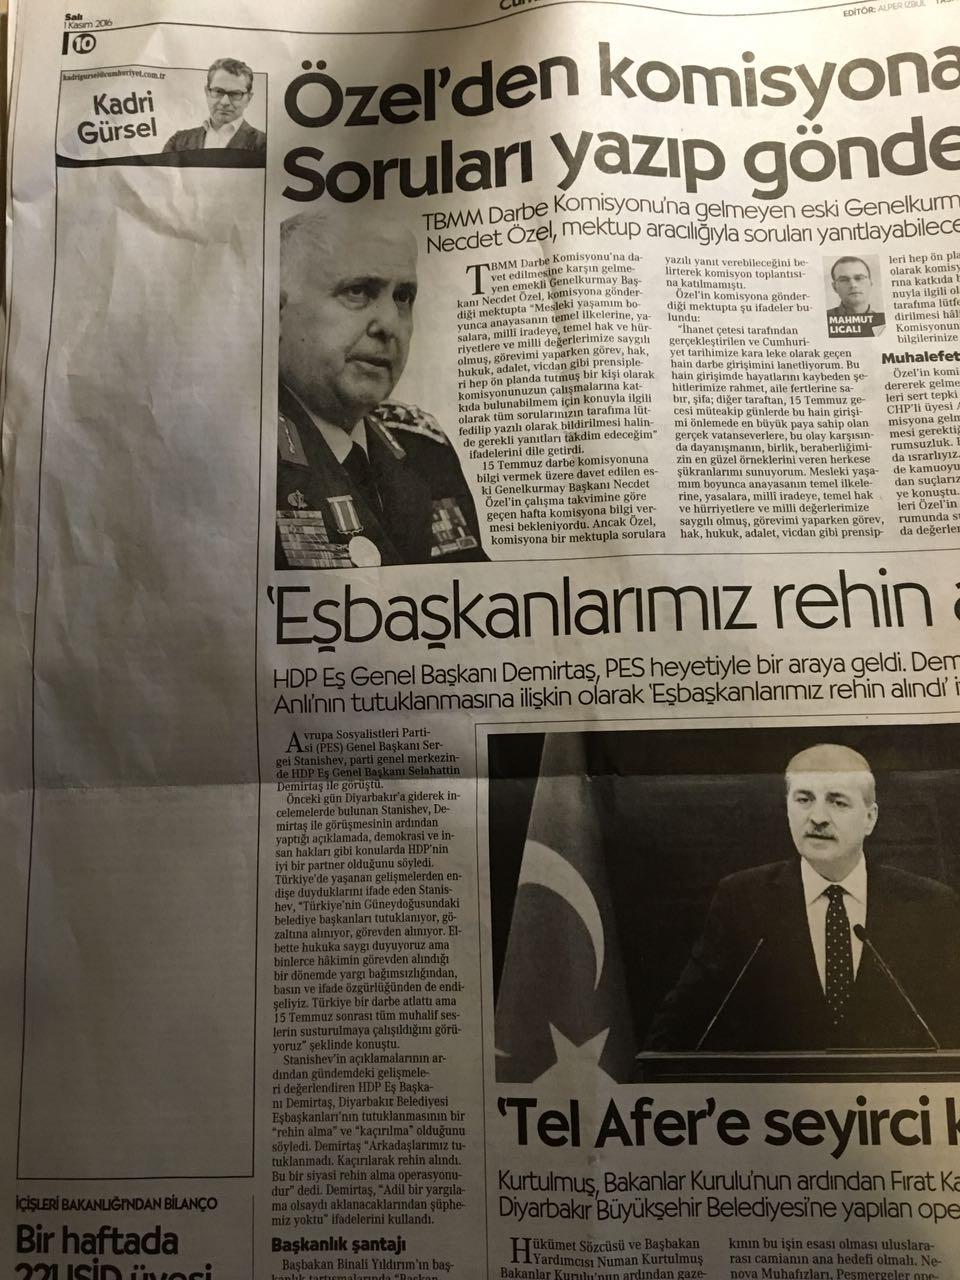 Cumhuriyet journalists' columns left empty after their arrest